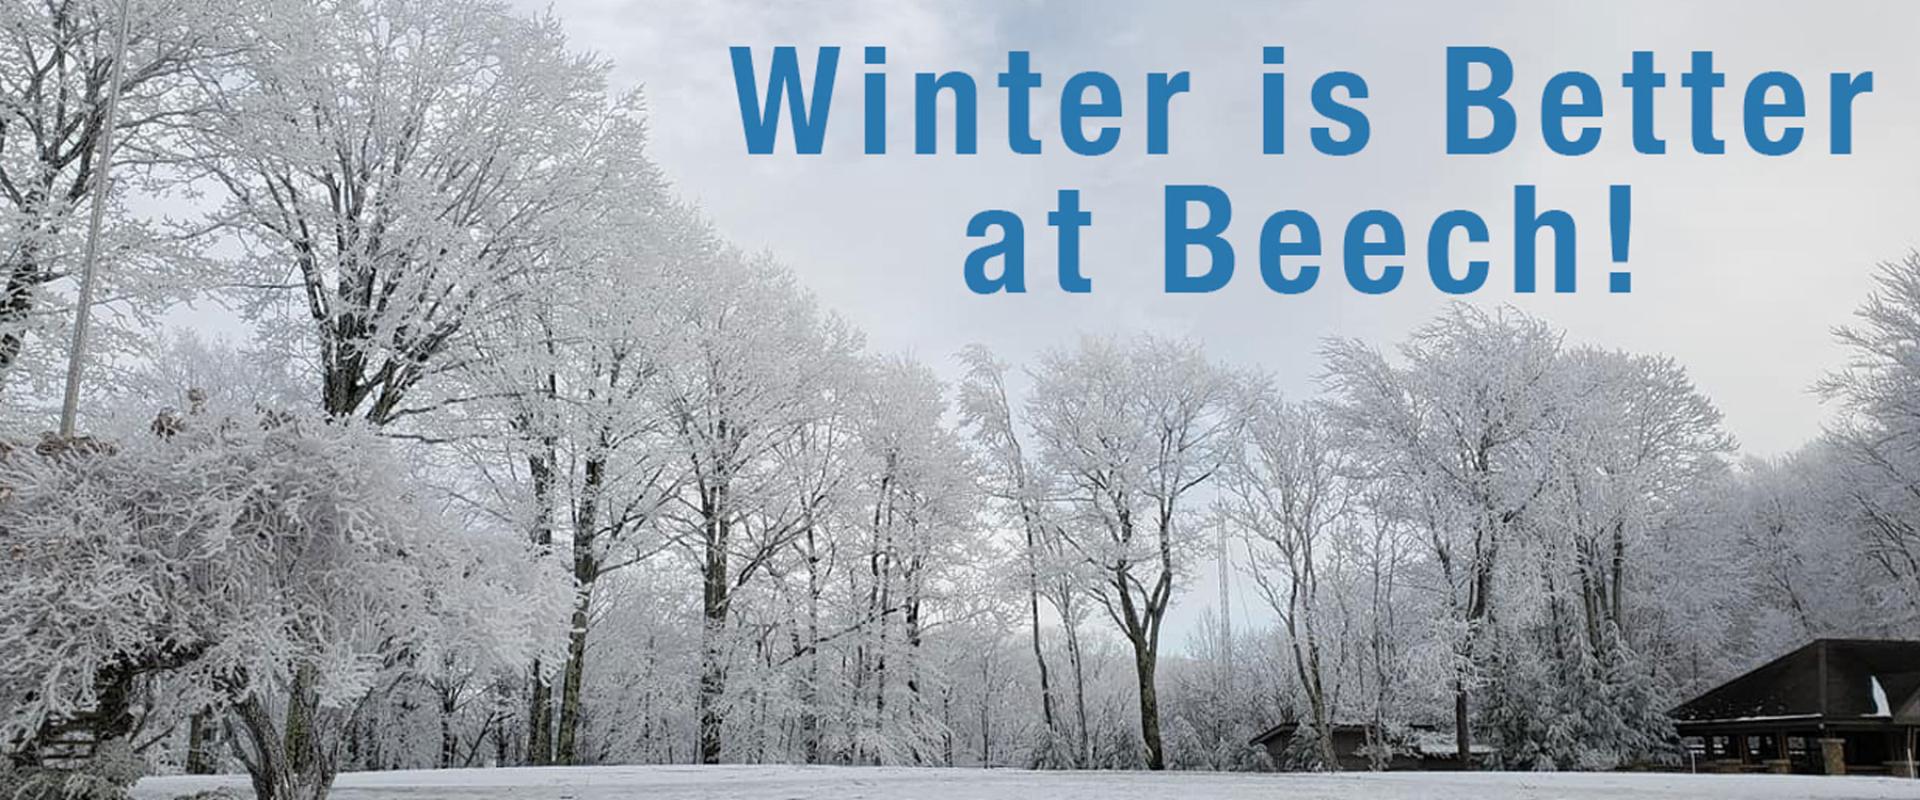 winter-better-at-beech.